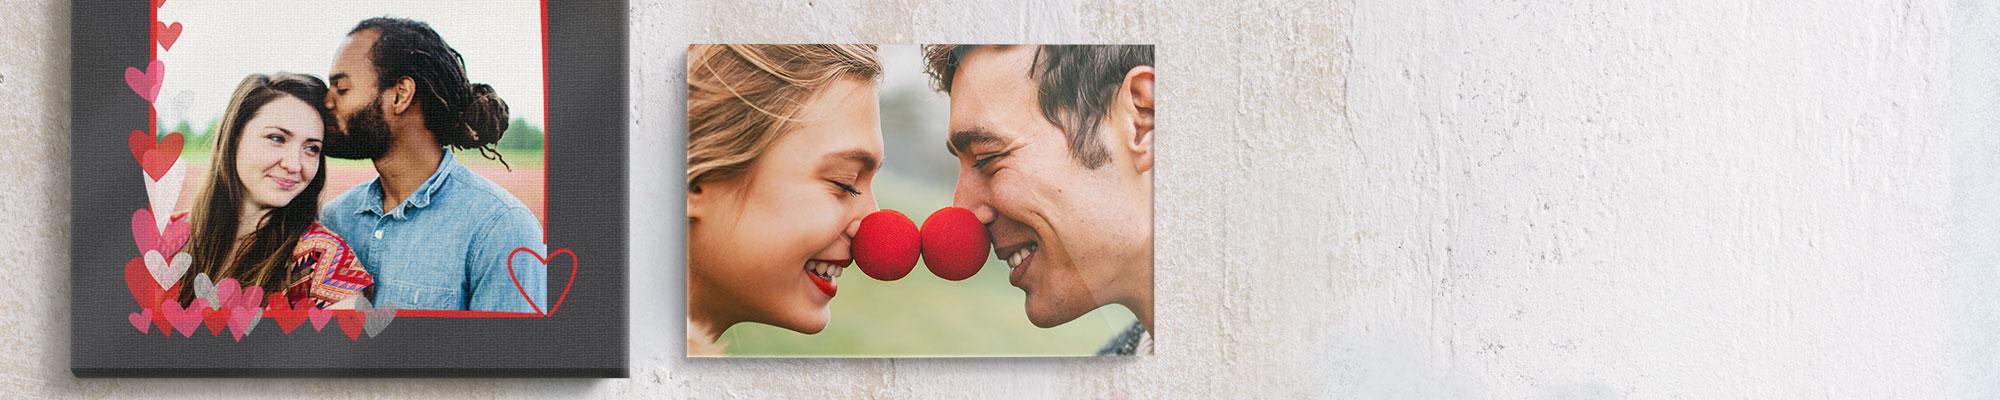 FotoArredo : Casa tua è il luogo in cui rilassarti ed esprimere la tua personalità. Circondati dei tuoi ricordi preferiti!